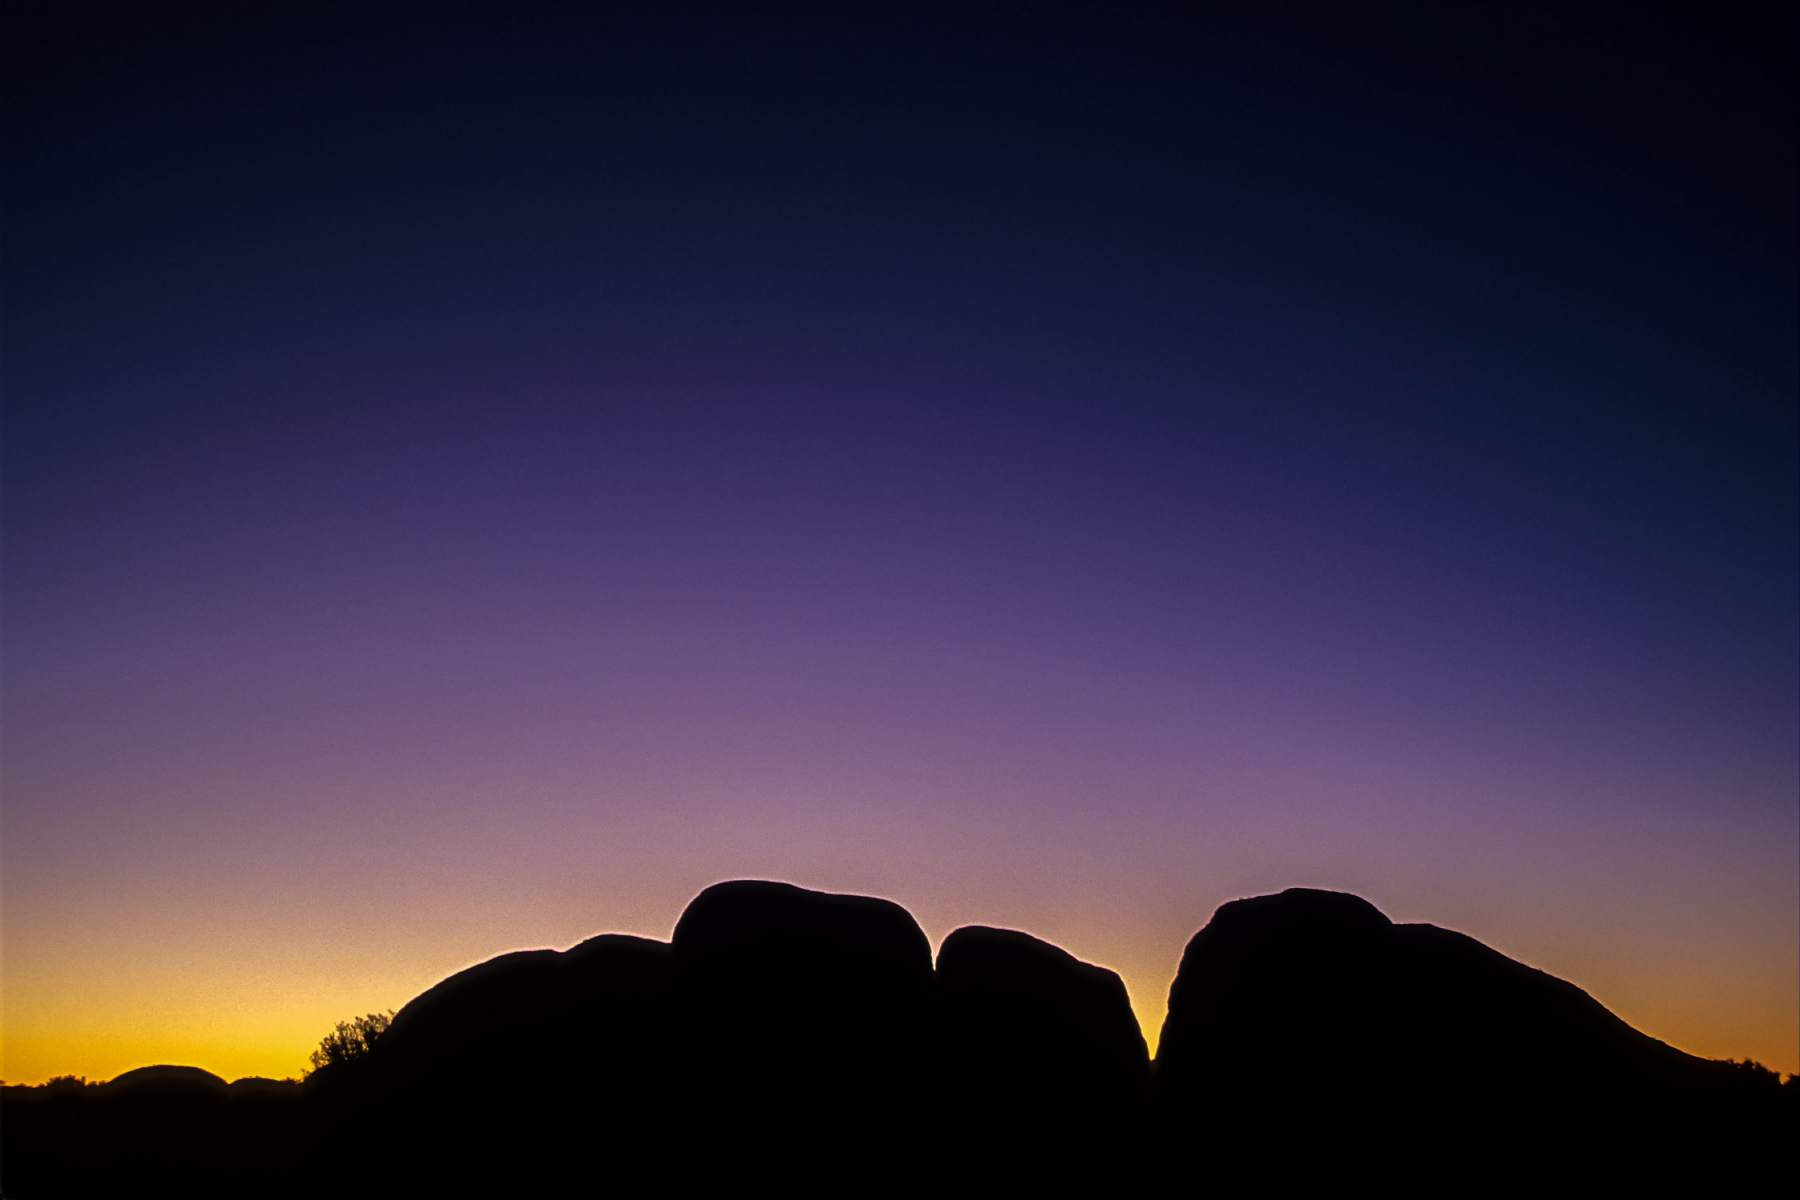 Sunrise over The Olgas, Uluru - Kata Tjuta National Park